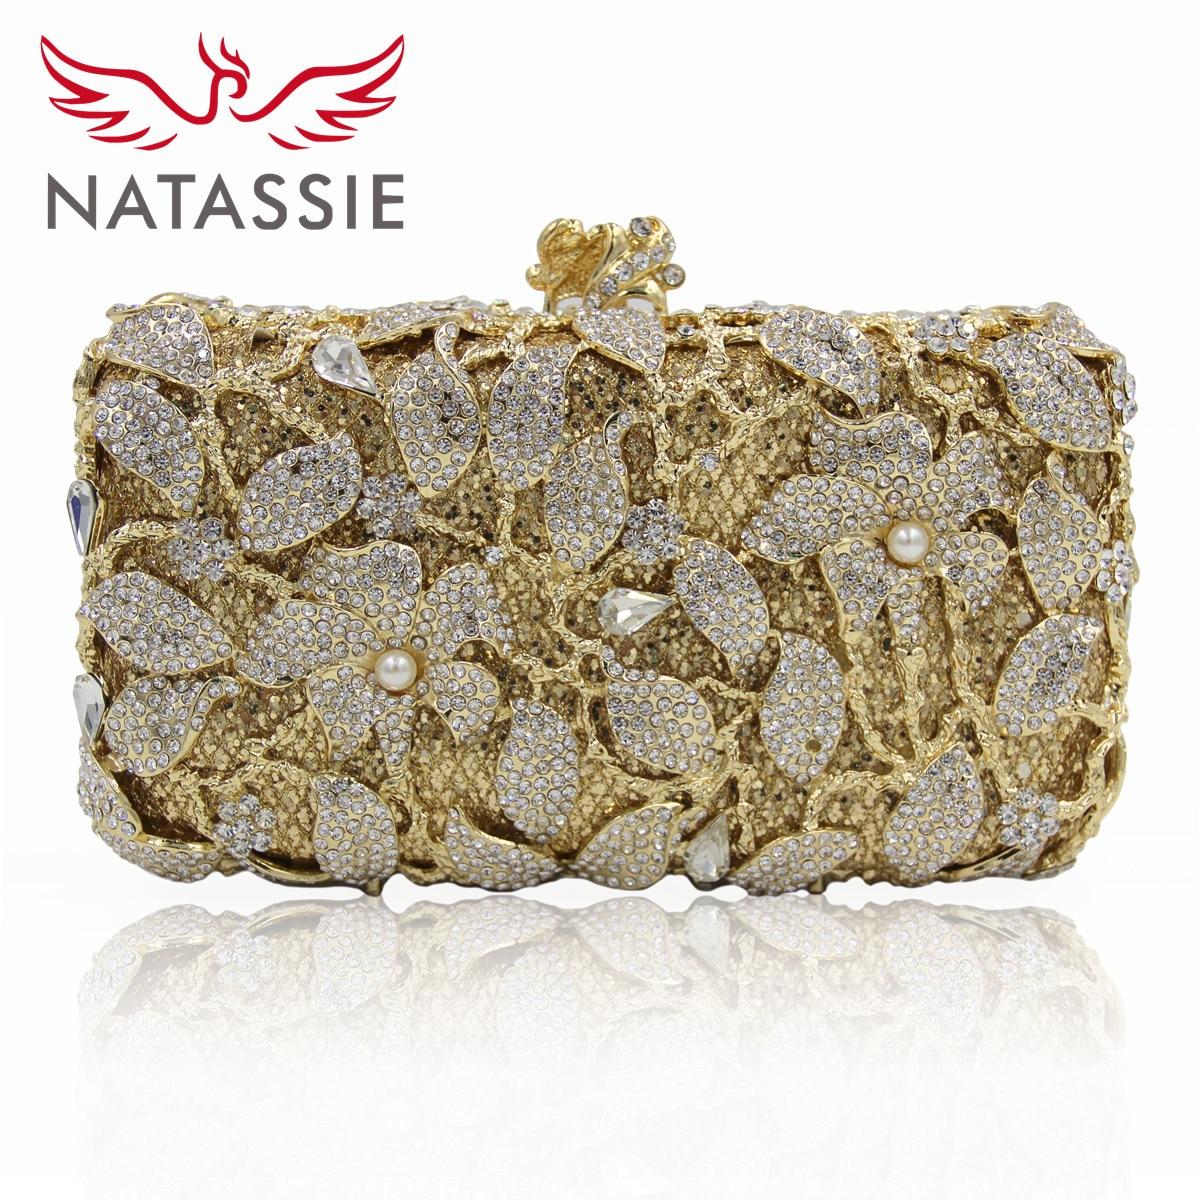 Natassie mujeres bolso de noche nueva moda pétalos de la forma del cerrojo moned